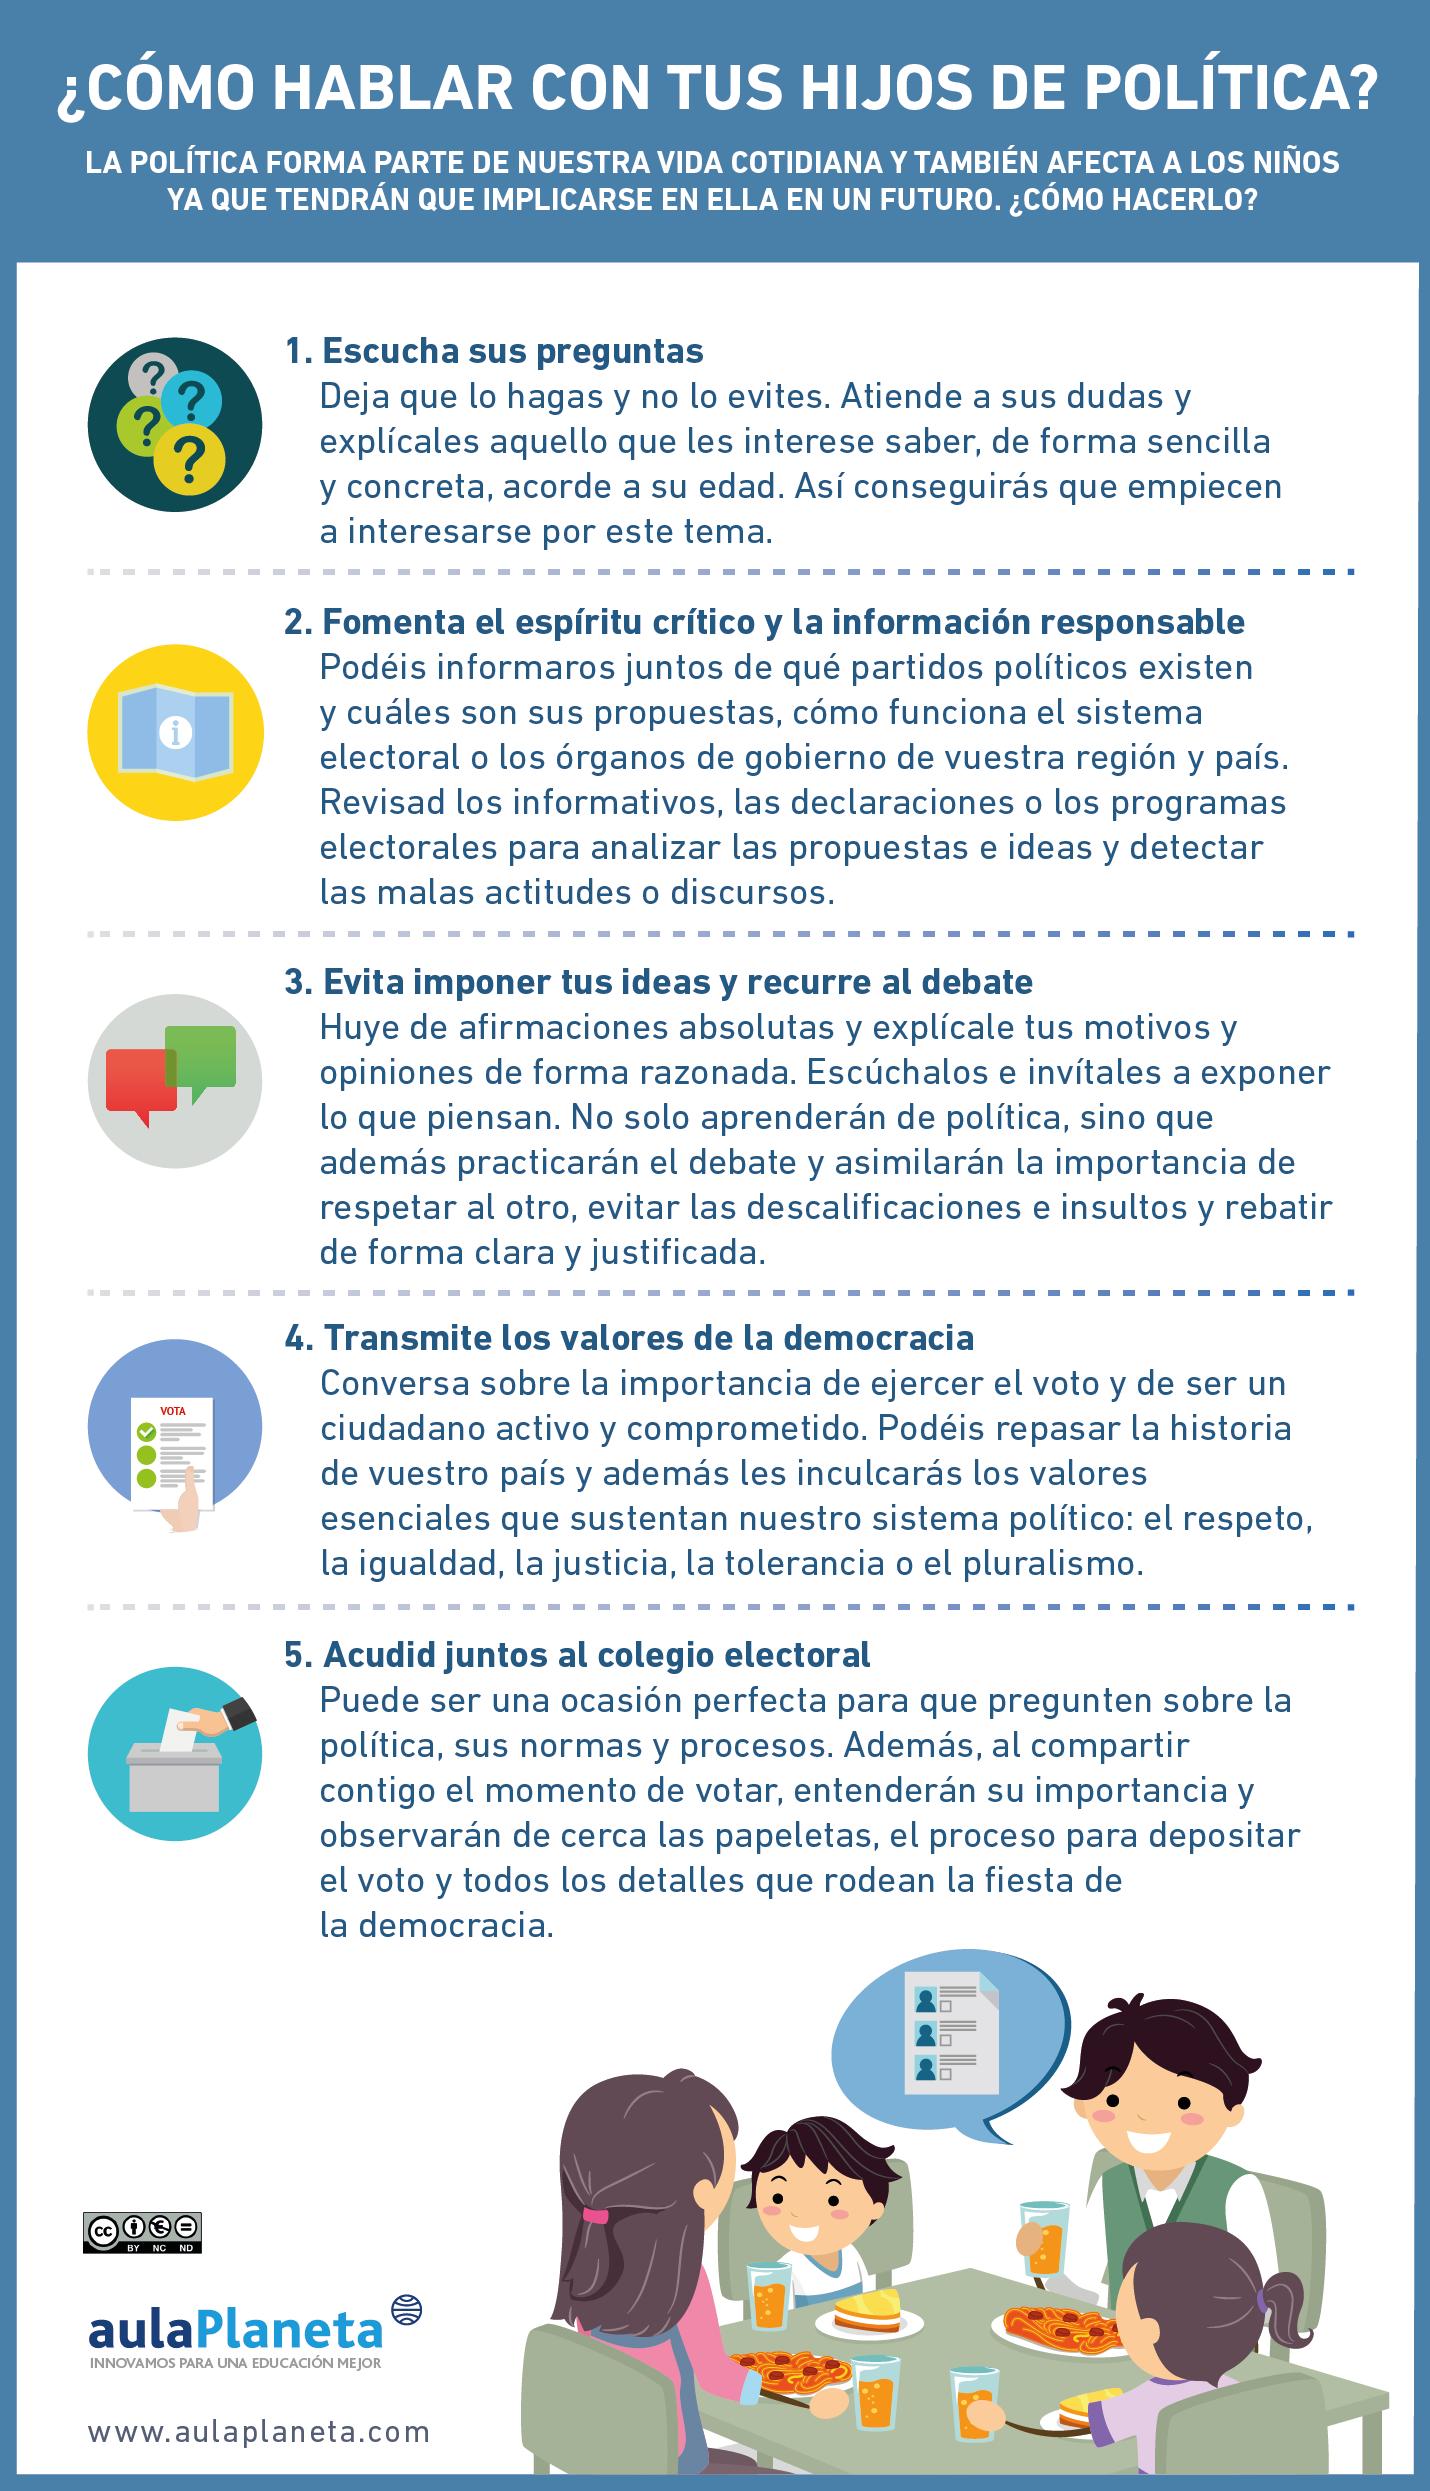 derechos fundamentales modelo estatalista pdf